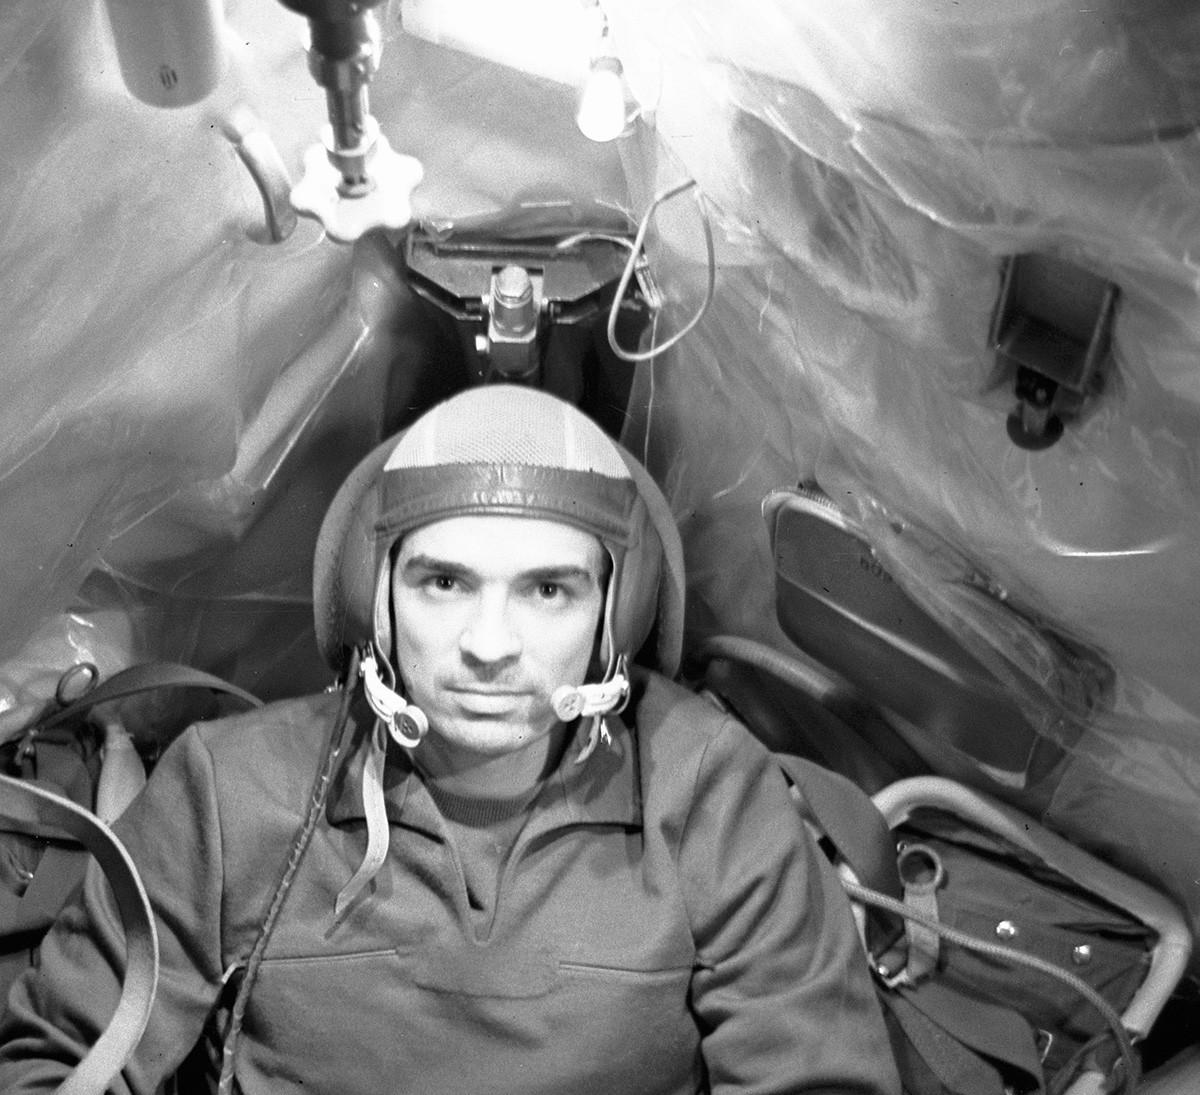 Poveljnik Vjačeslav Zudov med pripravami v simulatorju